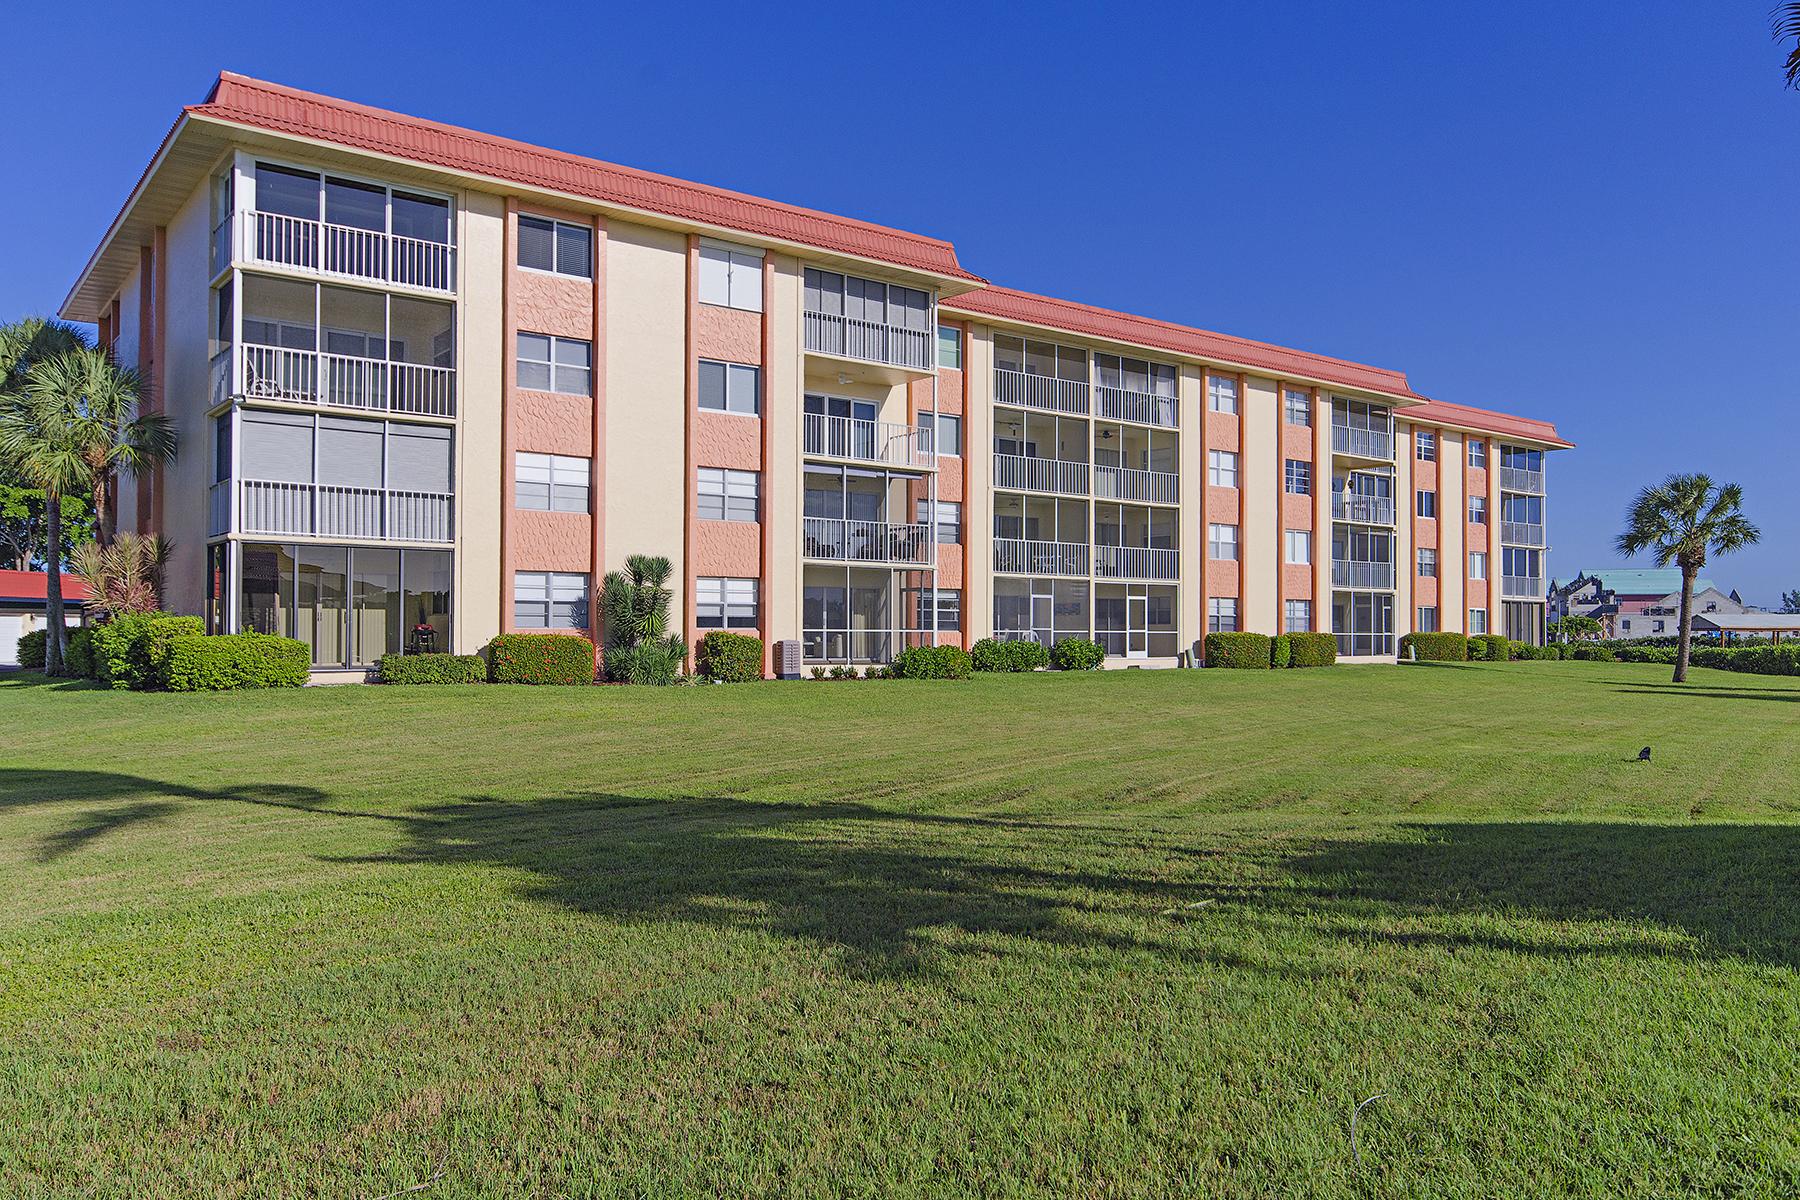 Eigentumswohnung für Verkauf beim MARINERS COVE 305 Goodlette Rd S C-203 Naples, Florida, 34102 Vereinigte Staaten